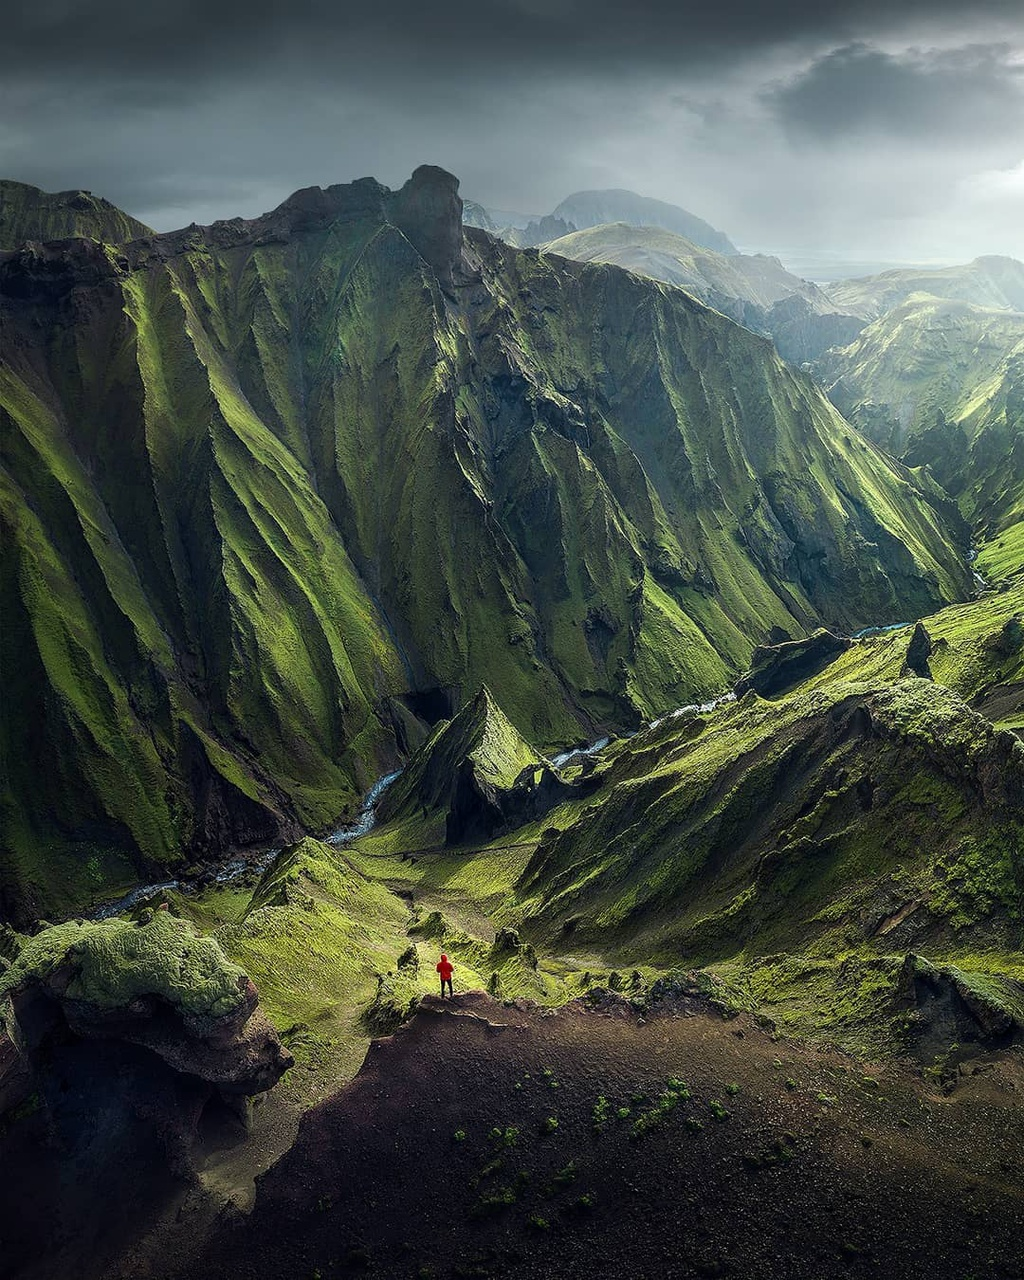 Iceland hóa thước phim viễn tưởng với những miền đất màu xanh